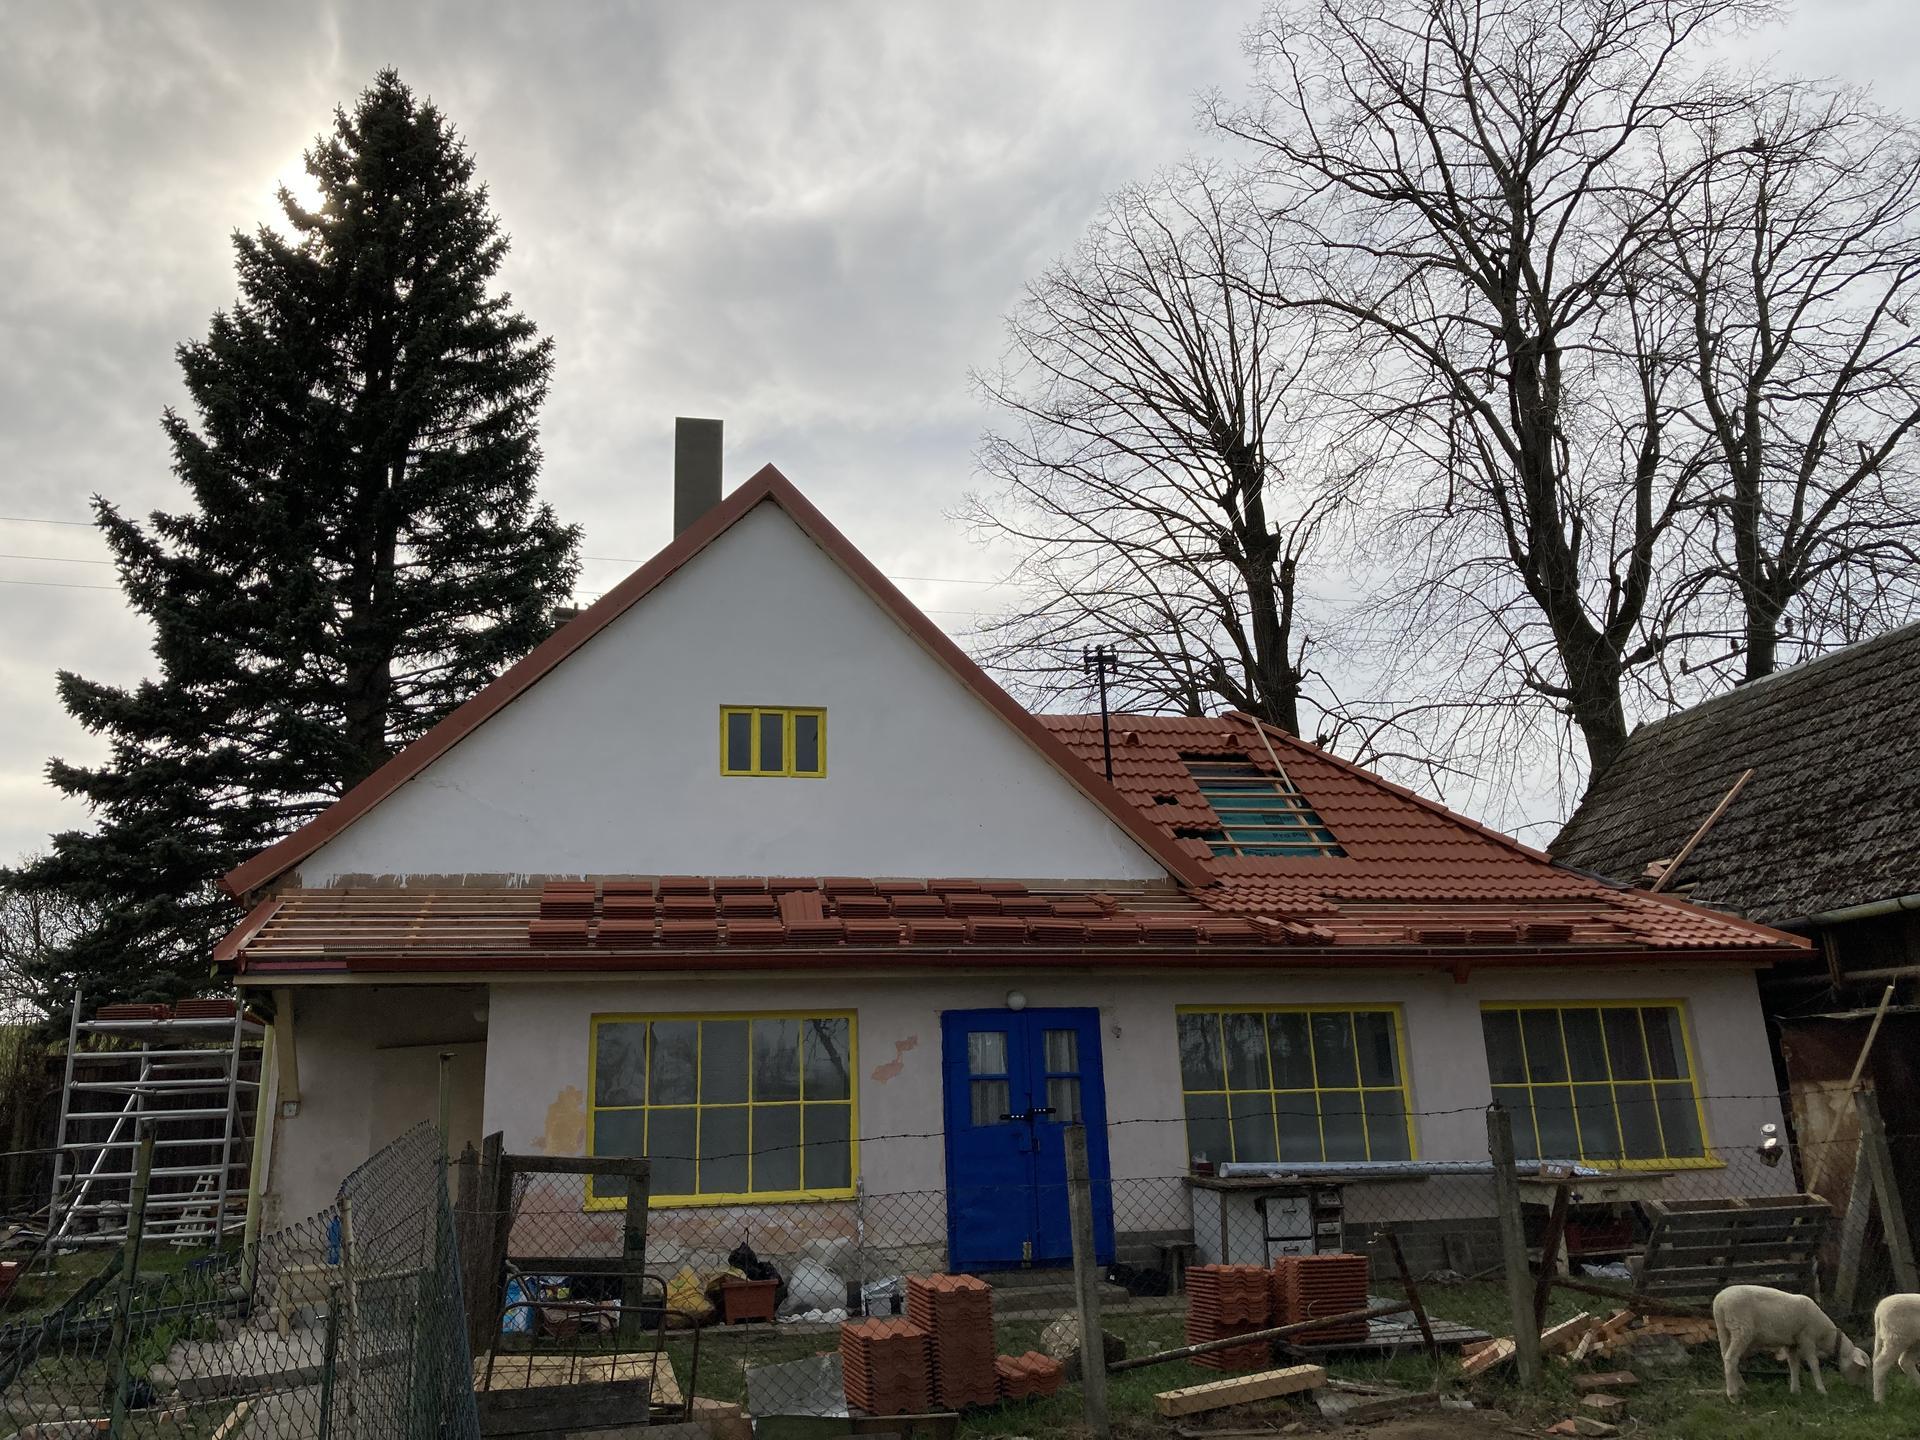 Dom - uz sa crta aj stresne okno kde bude ;)